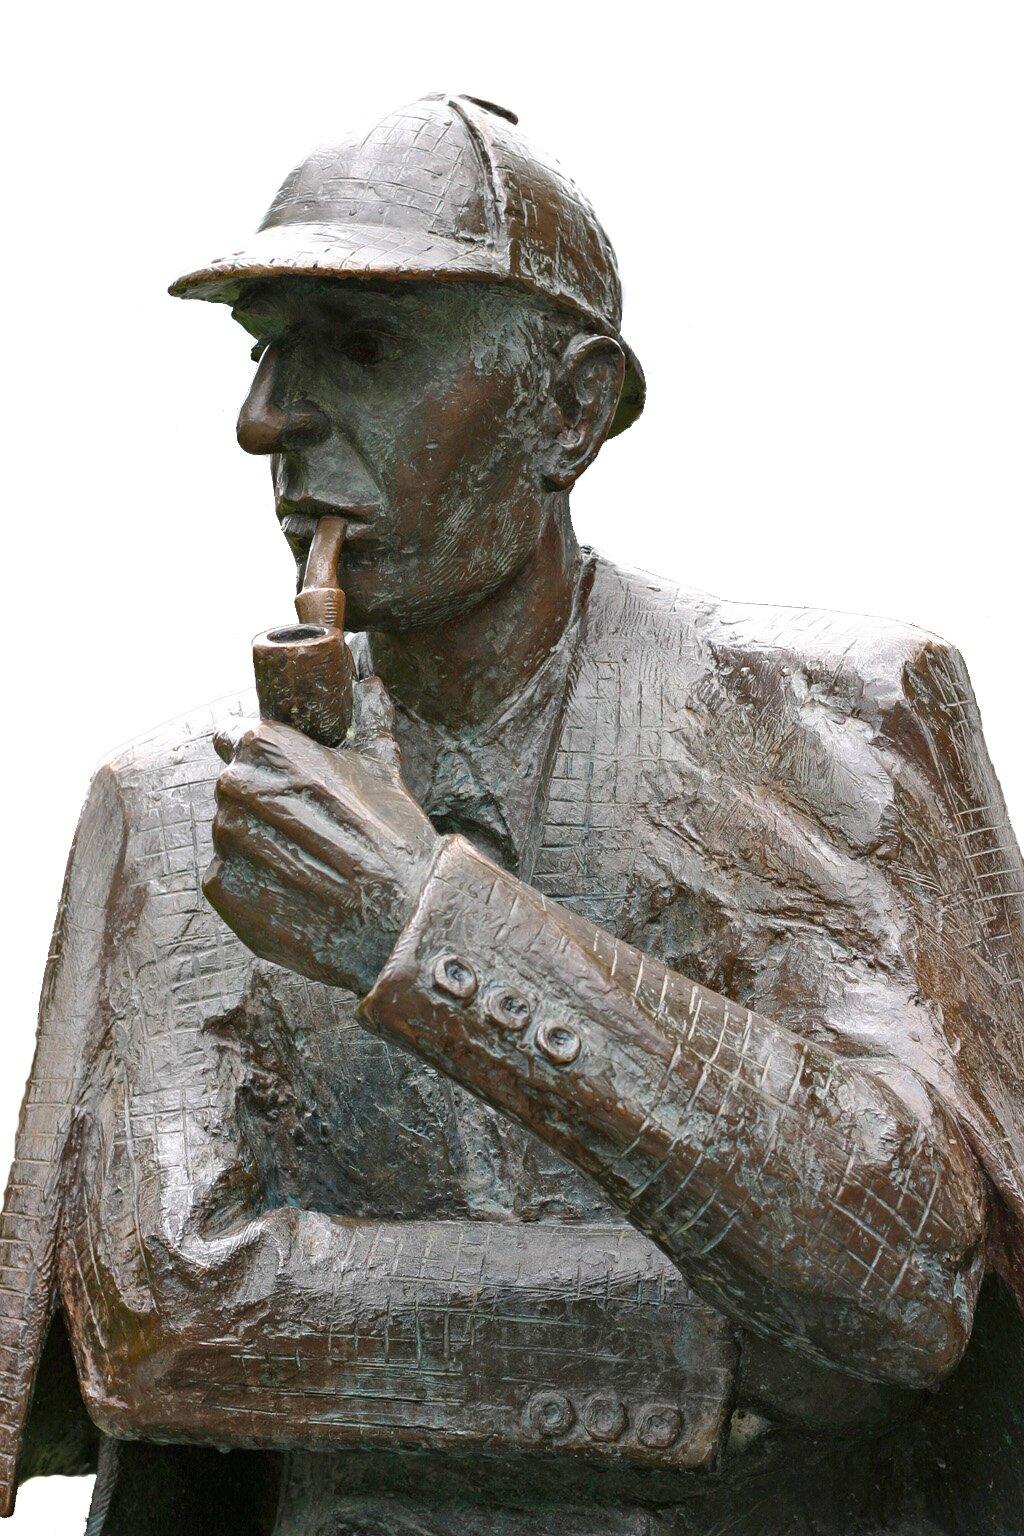 Pomnik Sherlocka Holmesa Pomnik Sherlocka Holmesa Źródło: John Doubleday, 1988, fotografia barwna, Meiringen, Szwajcaria, licencja: CC BY-SA 3.0.